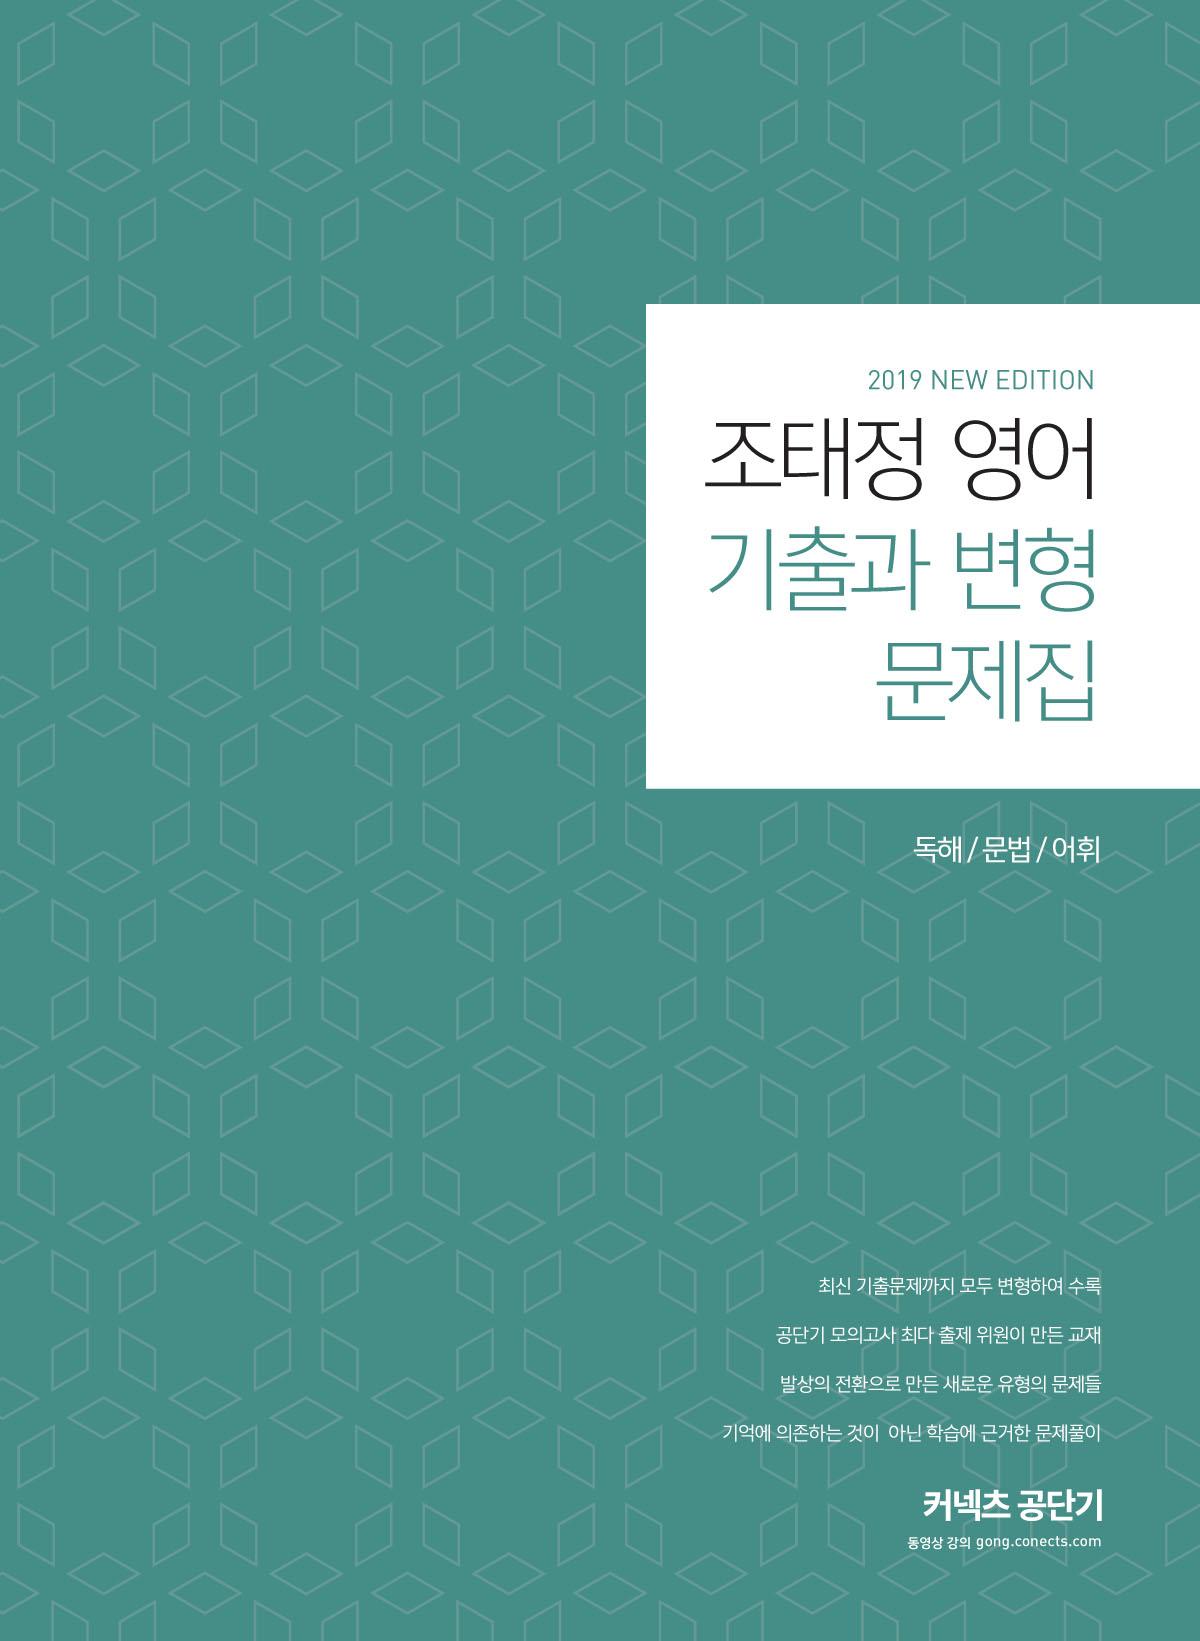 2019 조태정 영어 기출과 변형 문제집